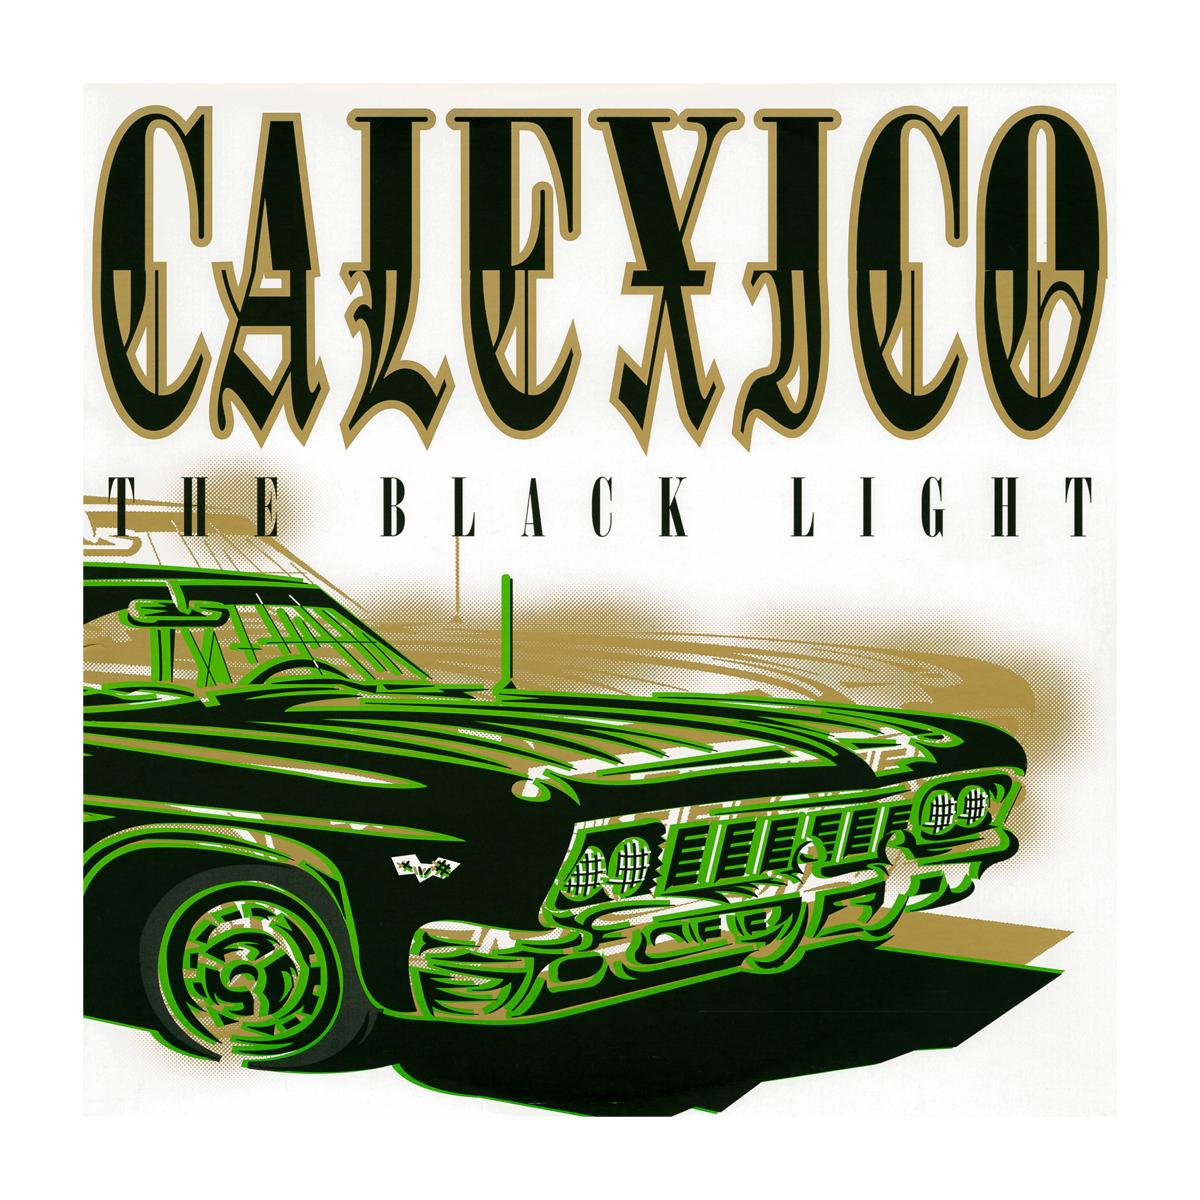 The Black Light Vinyl